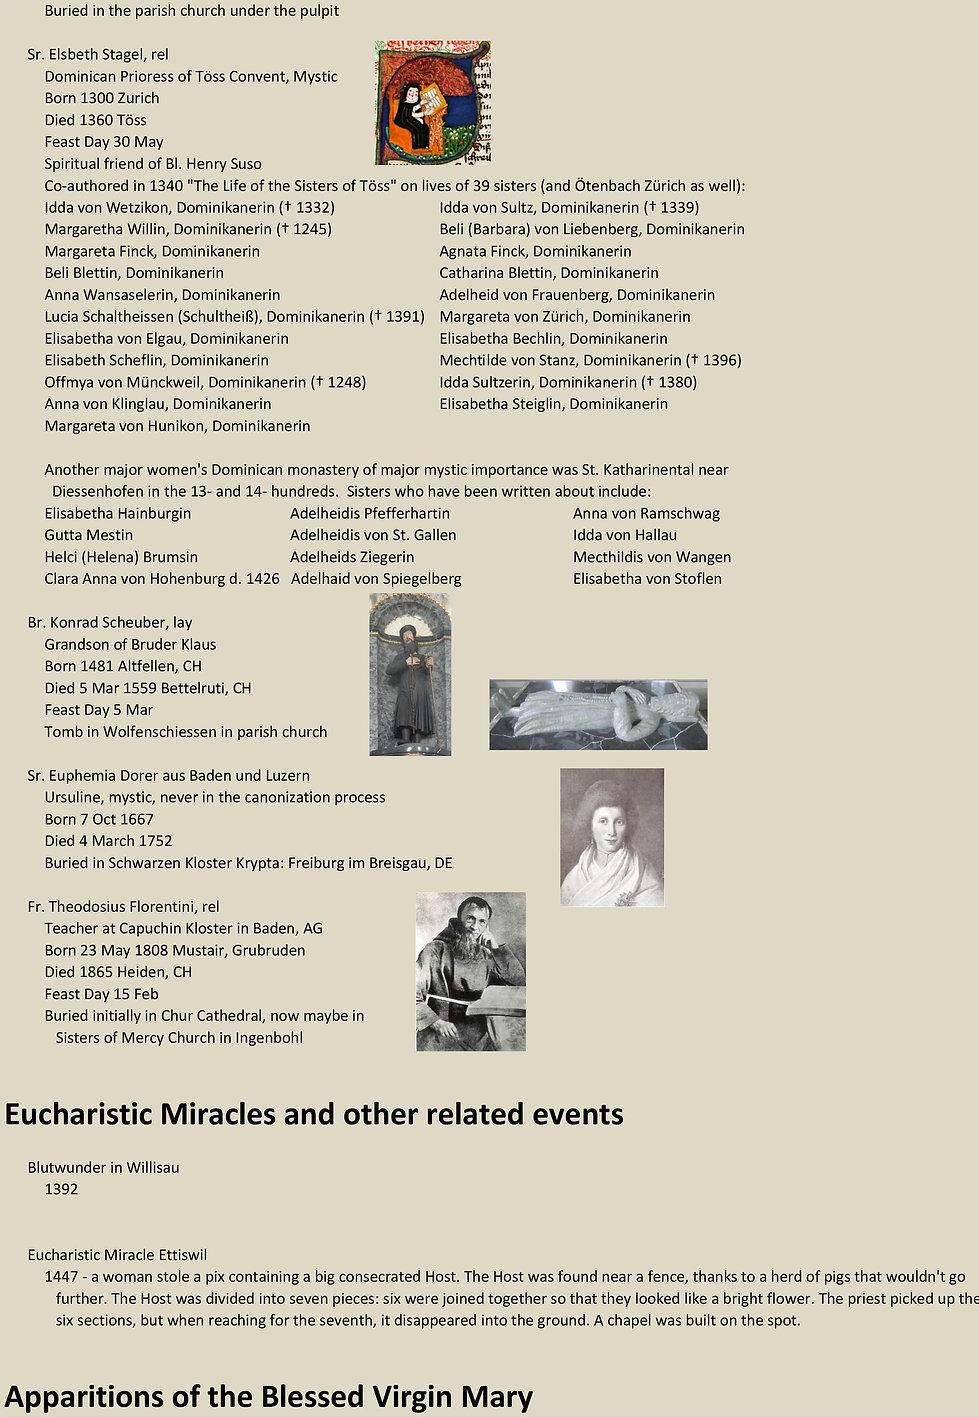 Liste de tous les saints suisses 30 sur 31